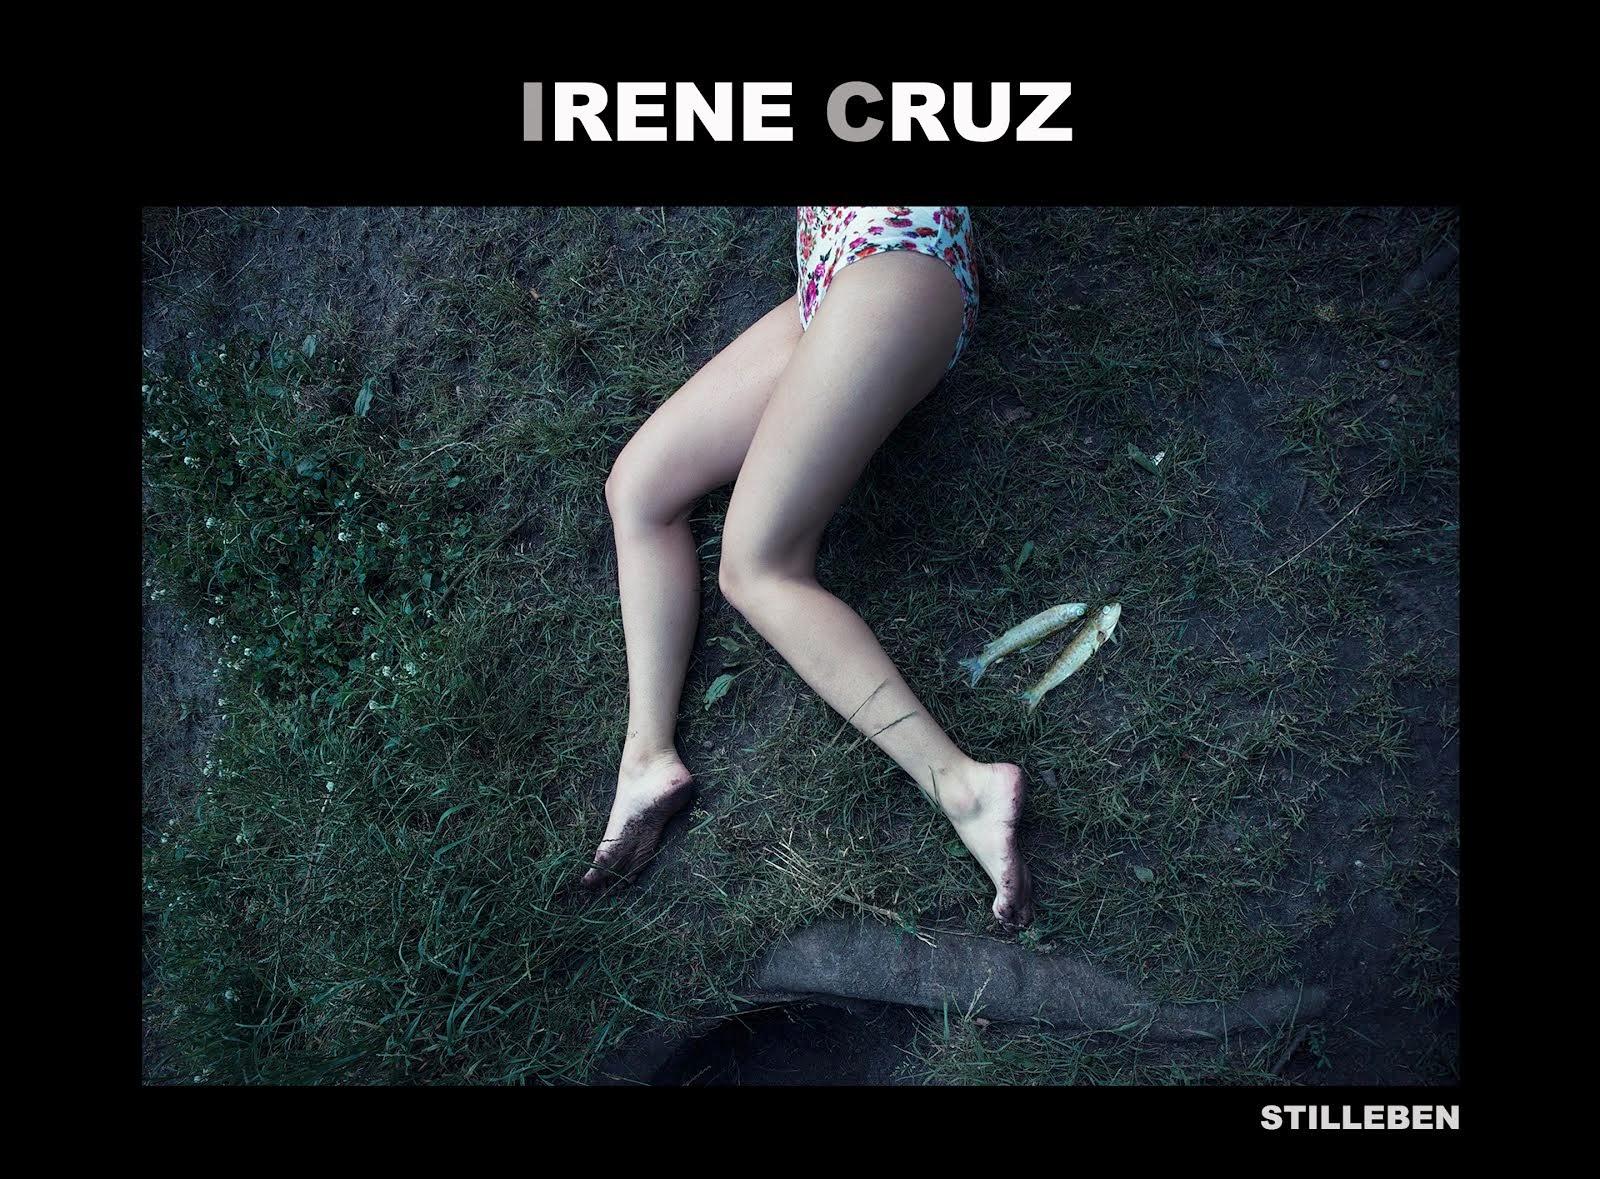 IRENE CRUZ